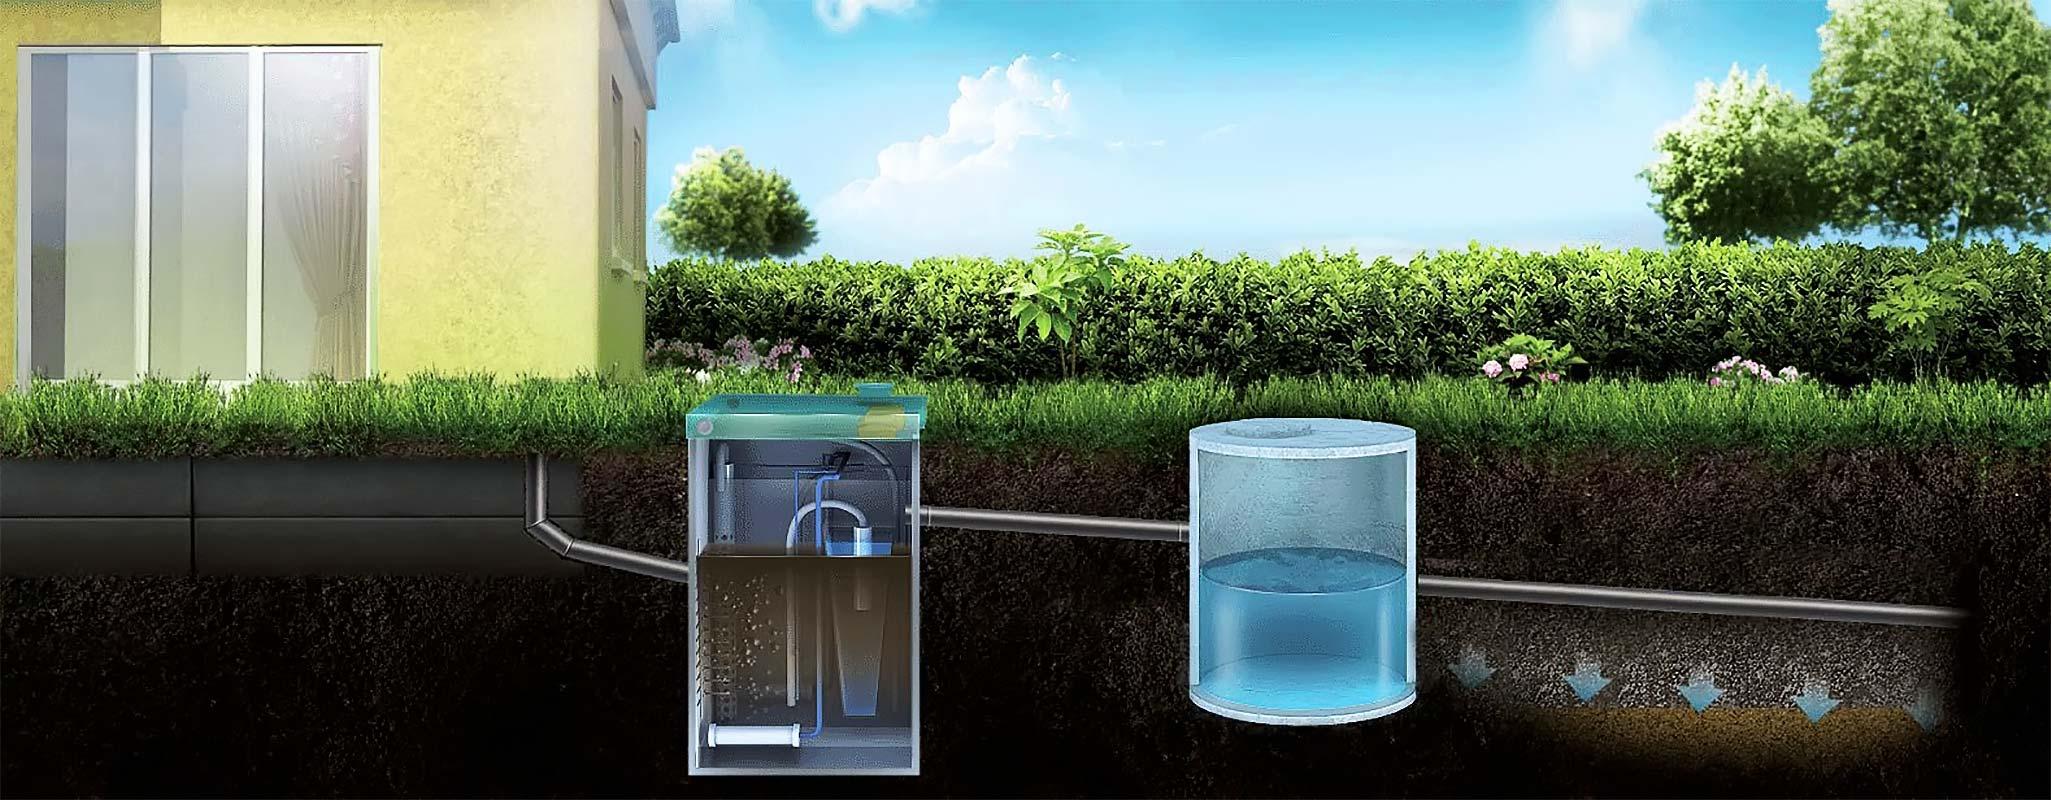 Как слить воду из бассейна intex? как быстро спустить воду из каркасного бассейна до конца?